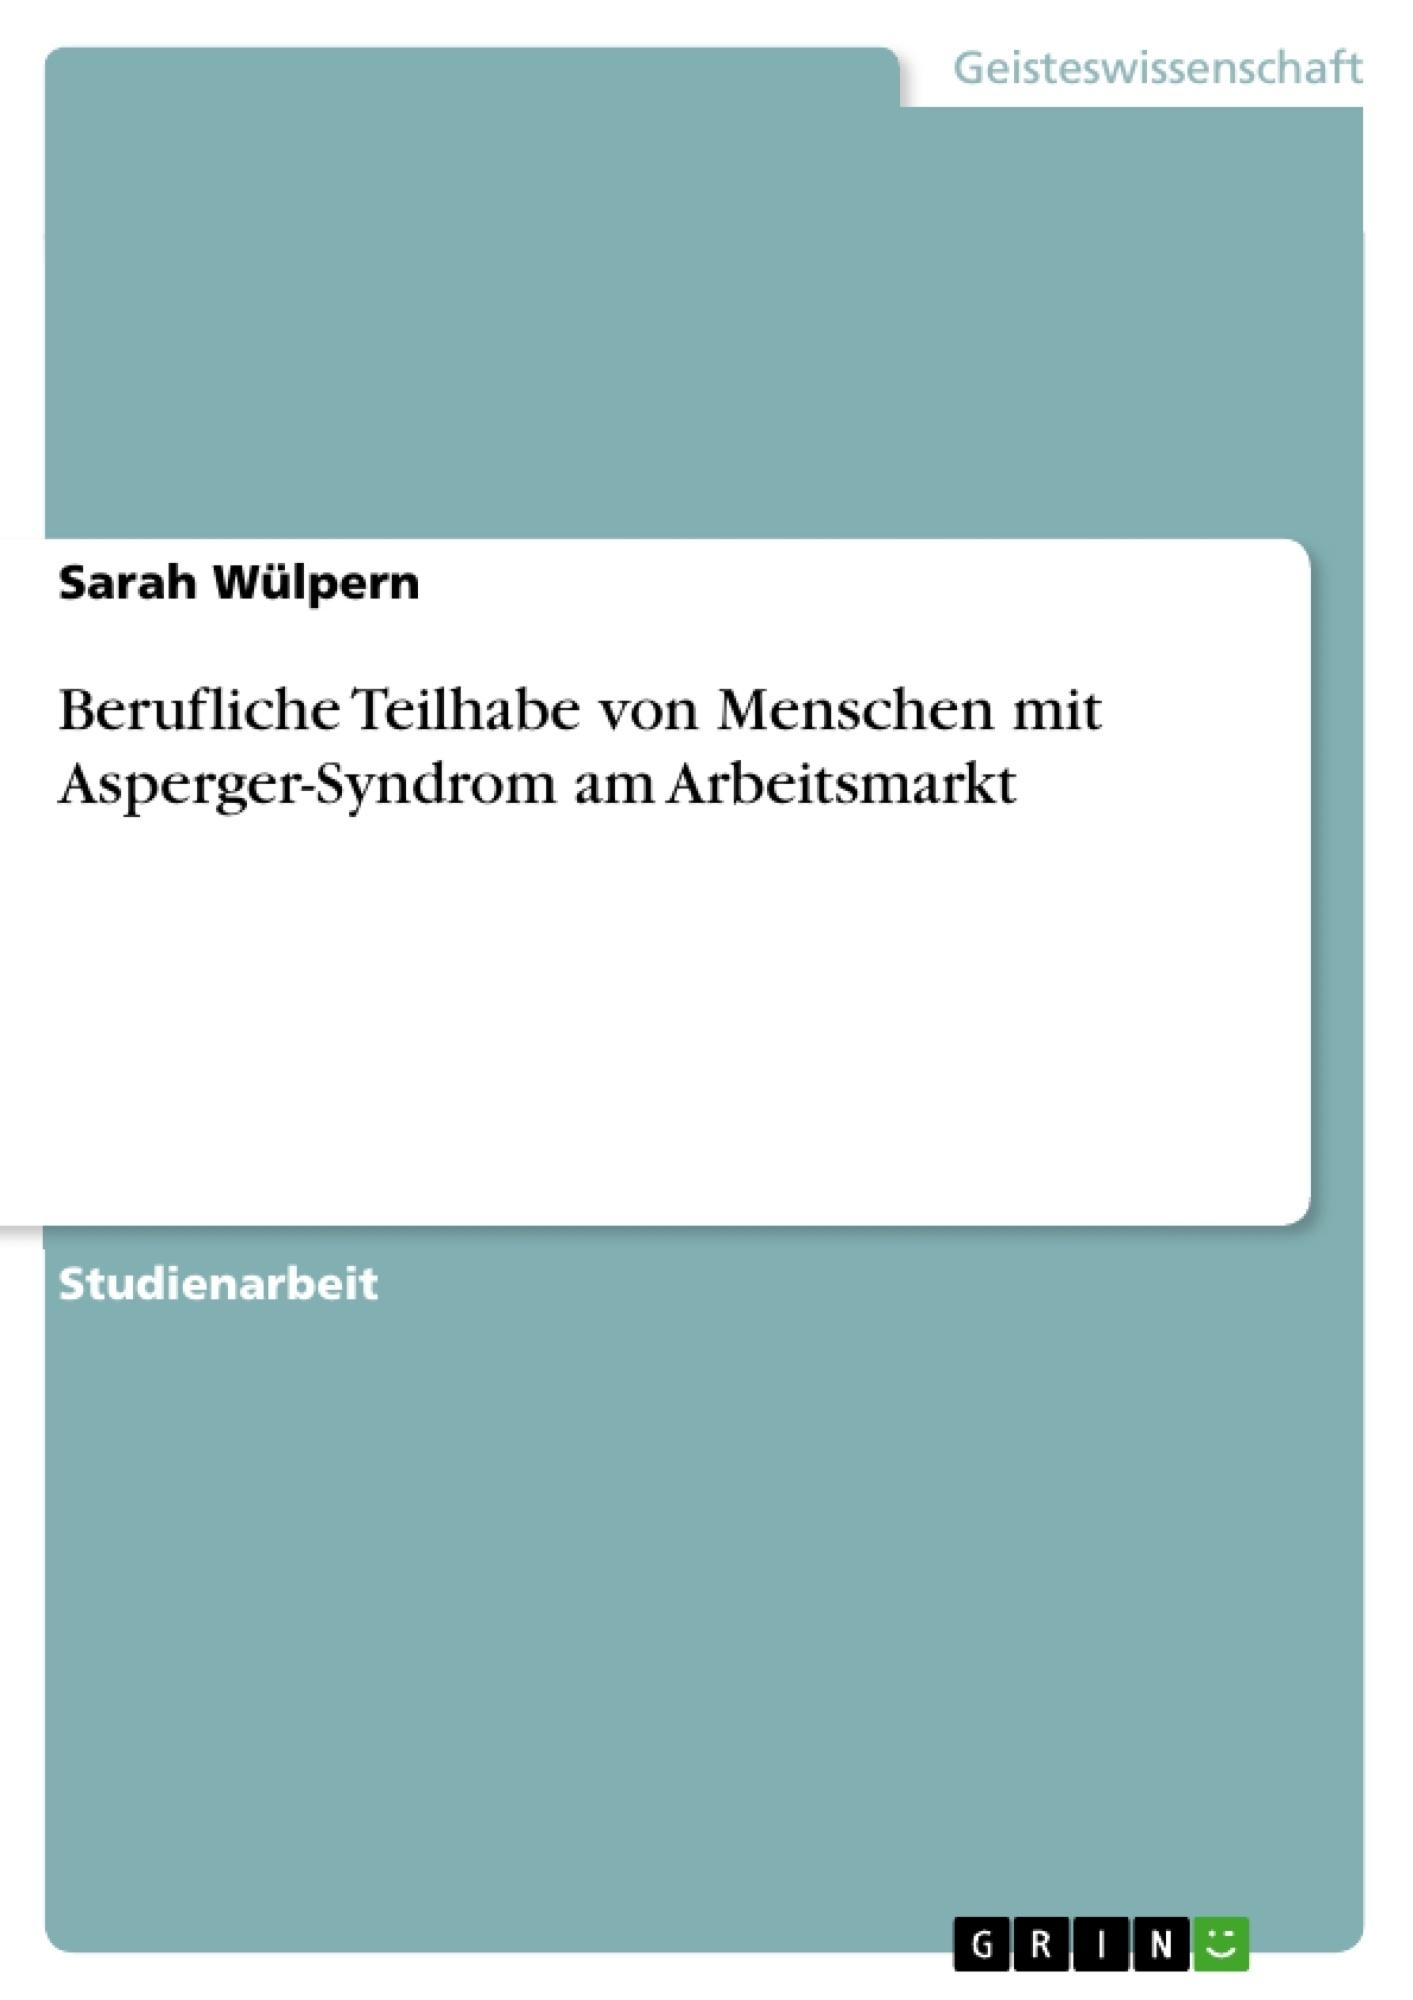 Titel: Berufliche Teilhabe von Menschen mit Asperger-Syndrom am Arbeitsmarkt